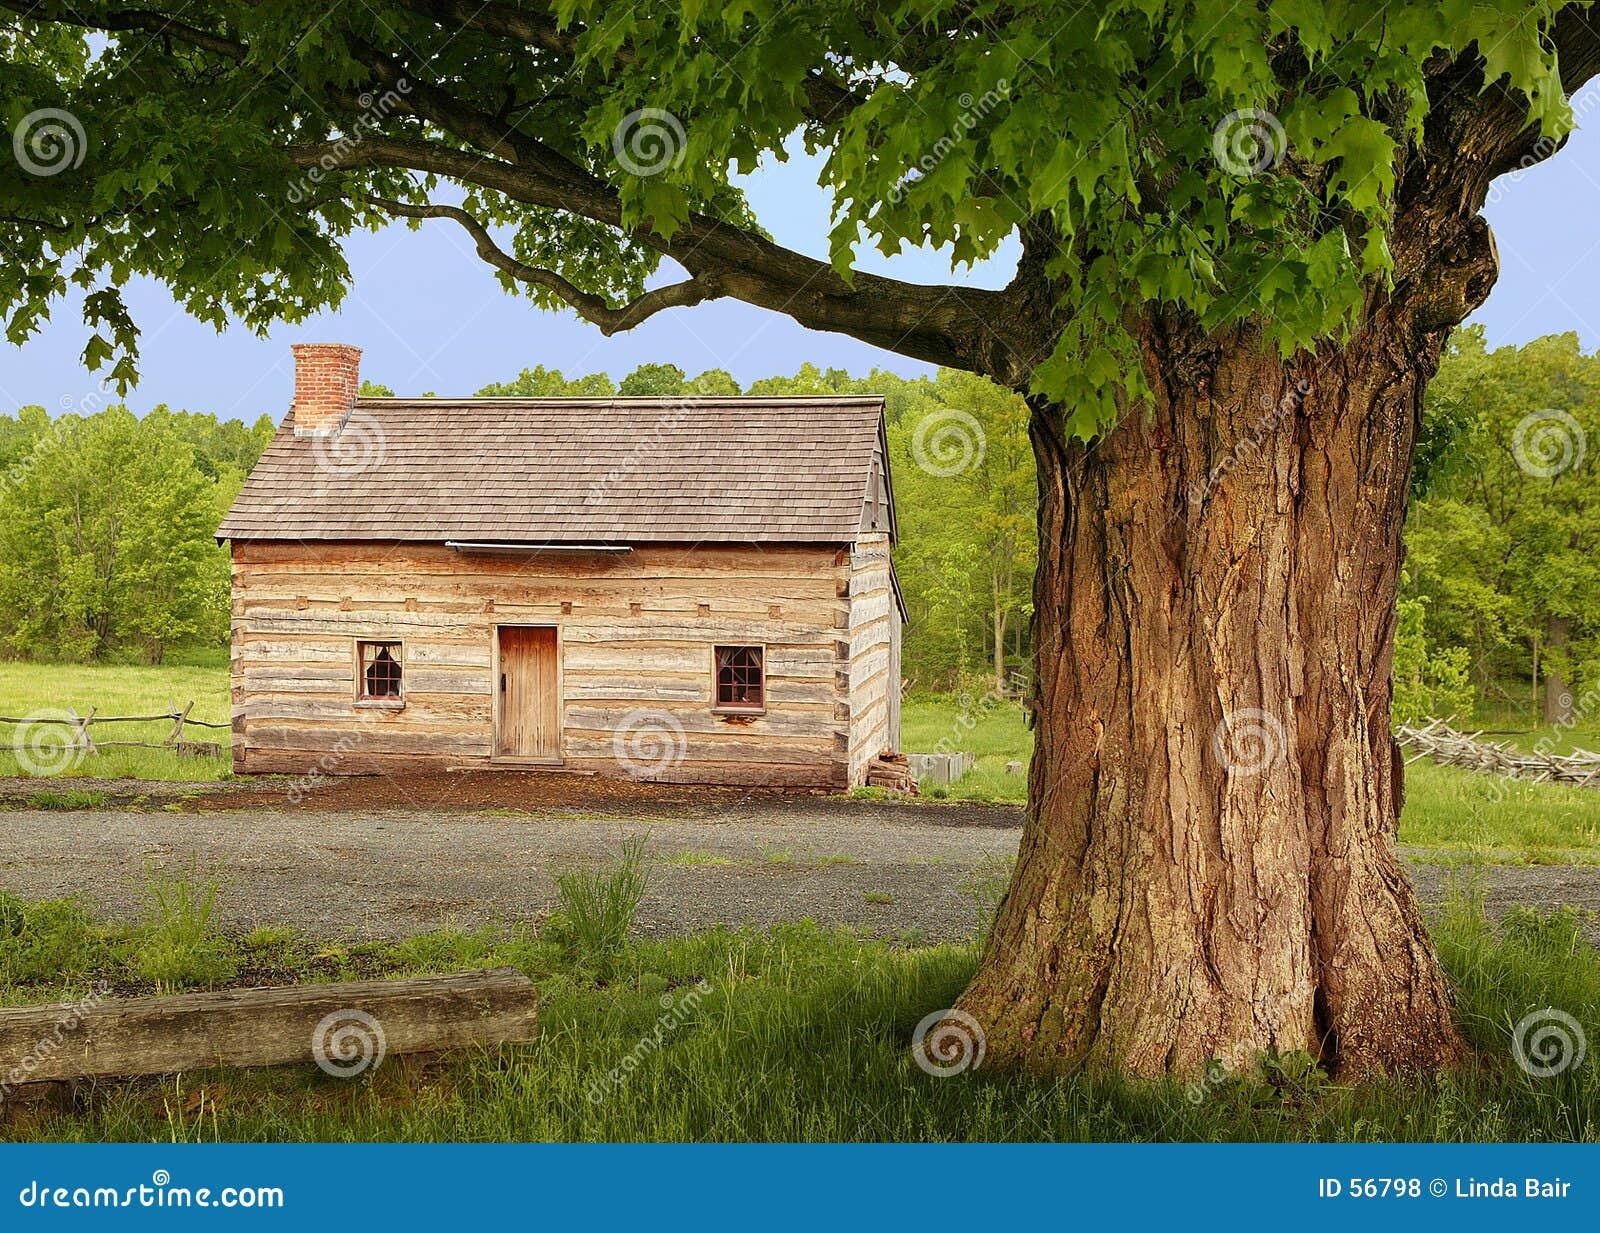 Joseph Smith Family Cabin